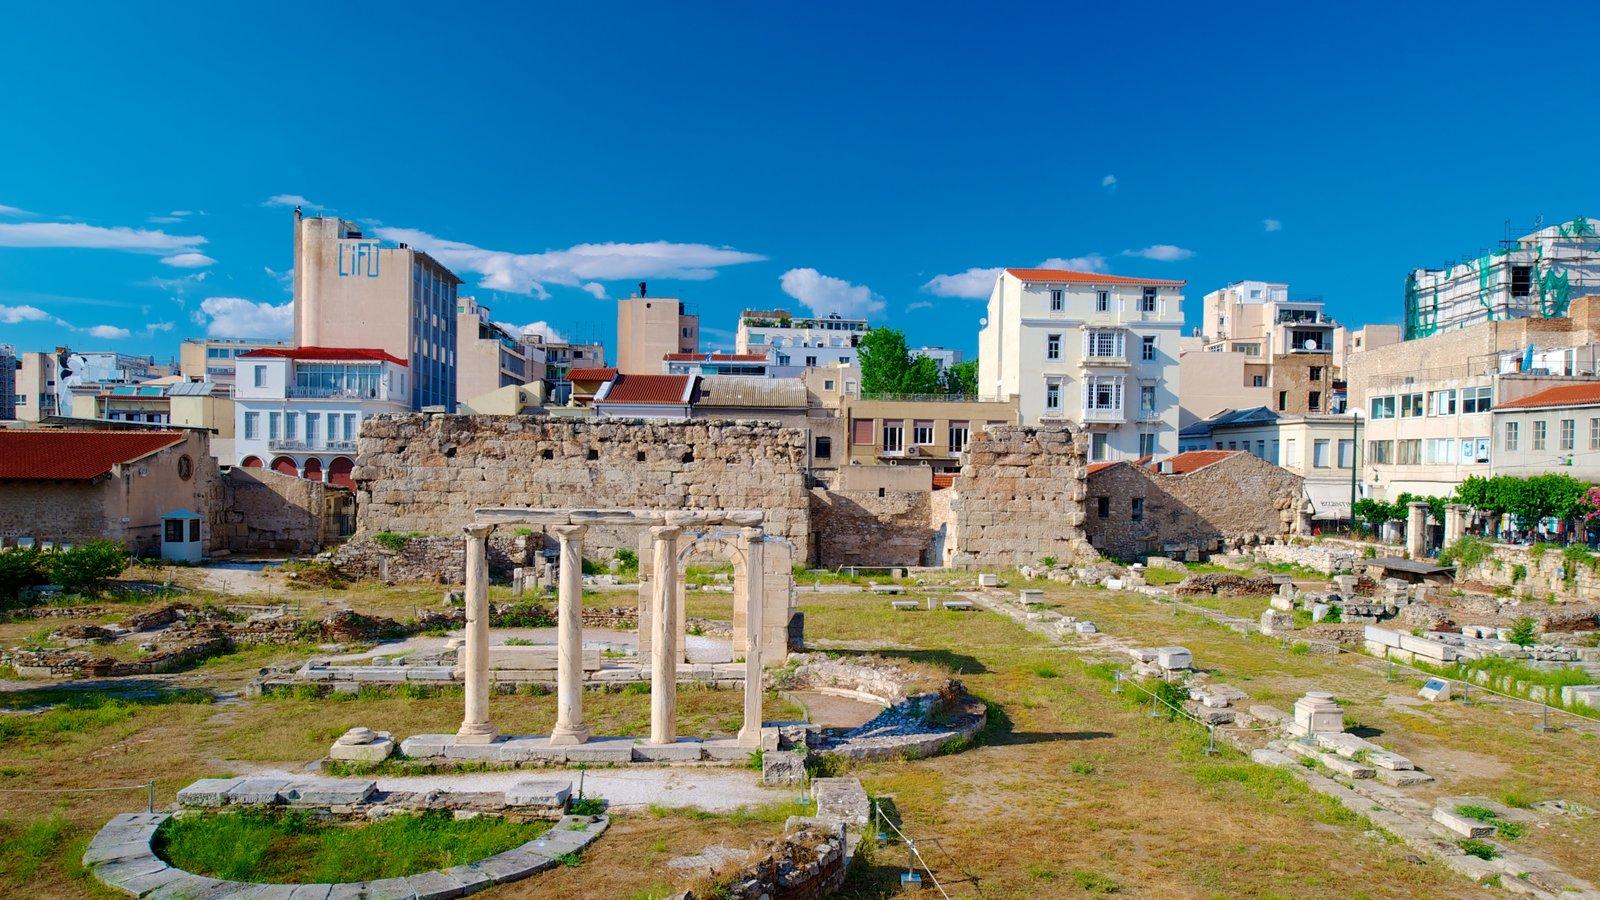 Ágora Romana mostrando uma cidade, uma ruína e elementos de patrimônio